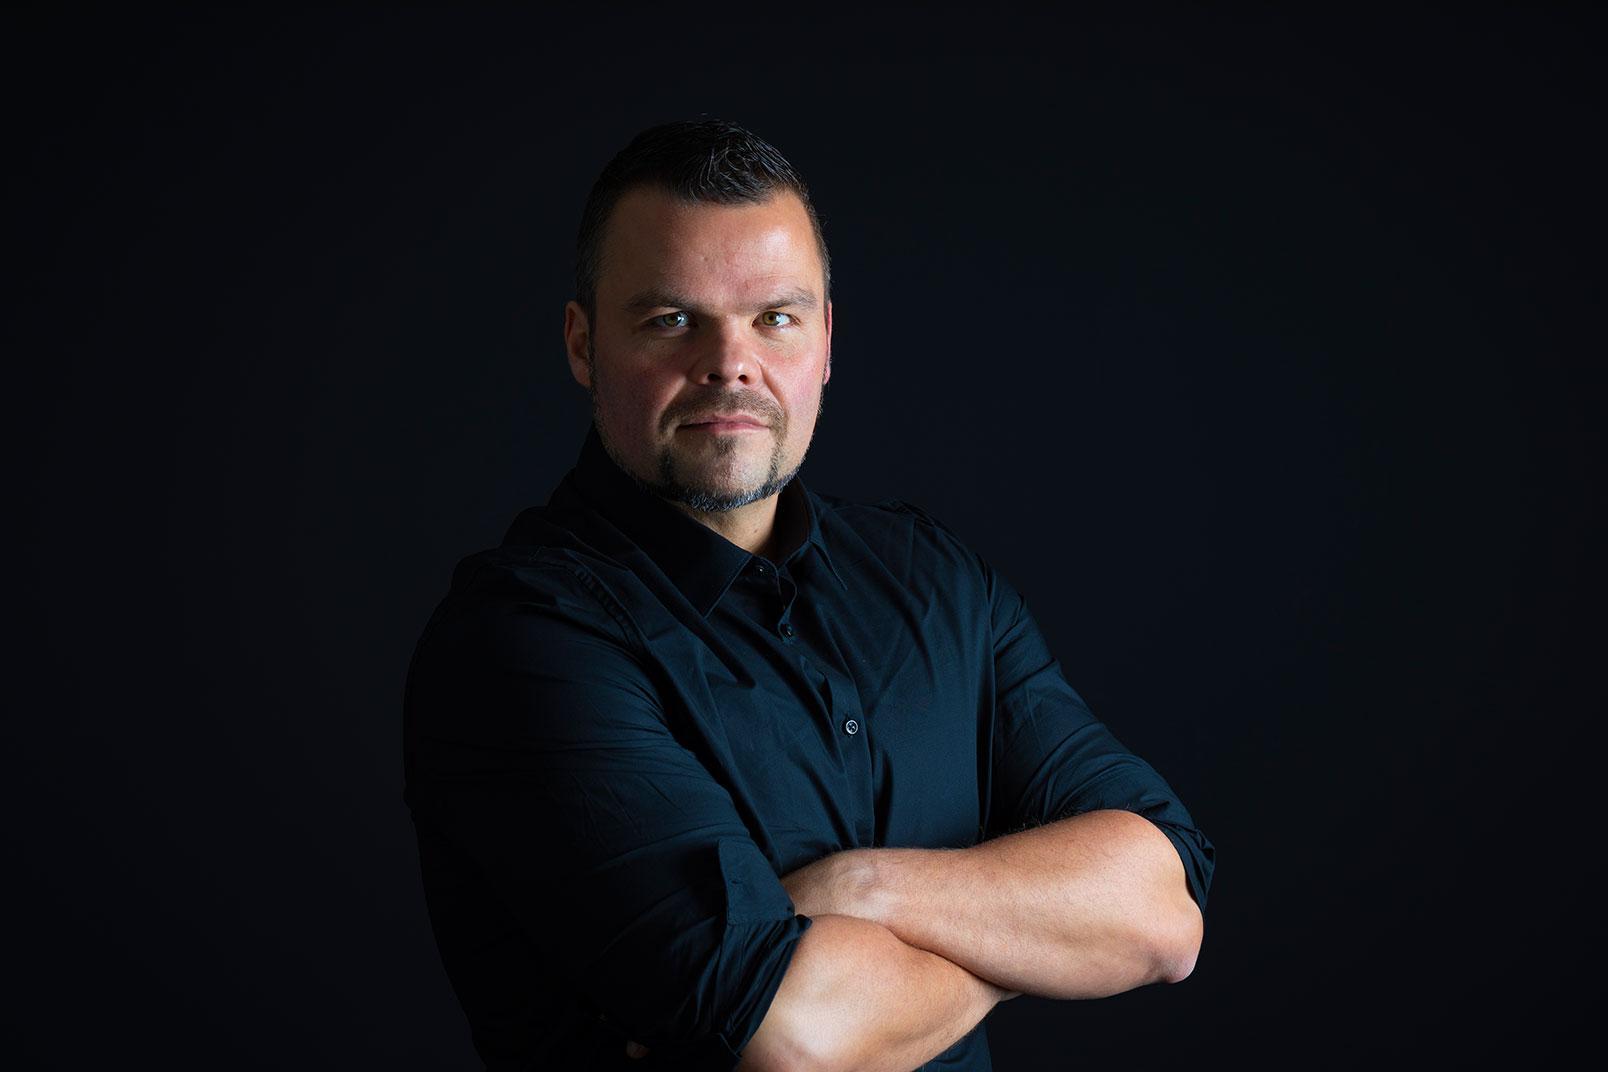 Markus Sennefelder